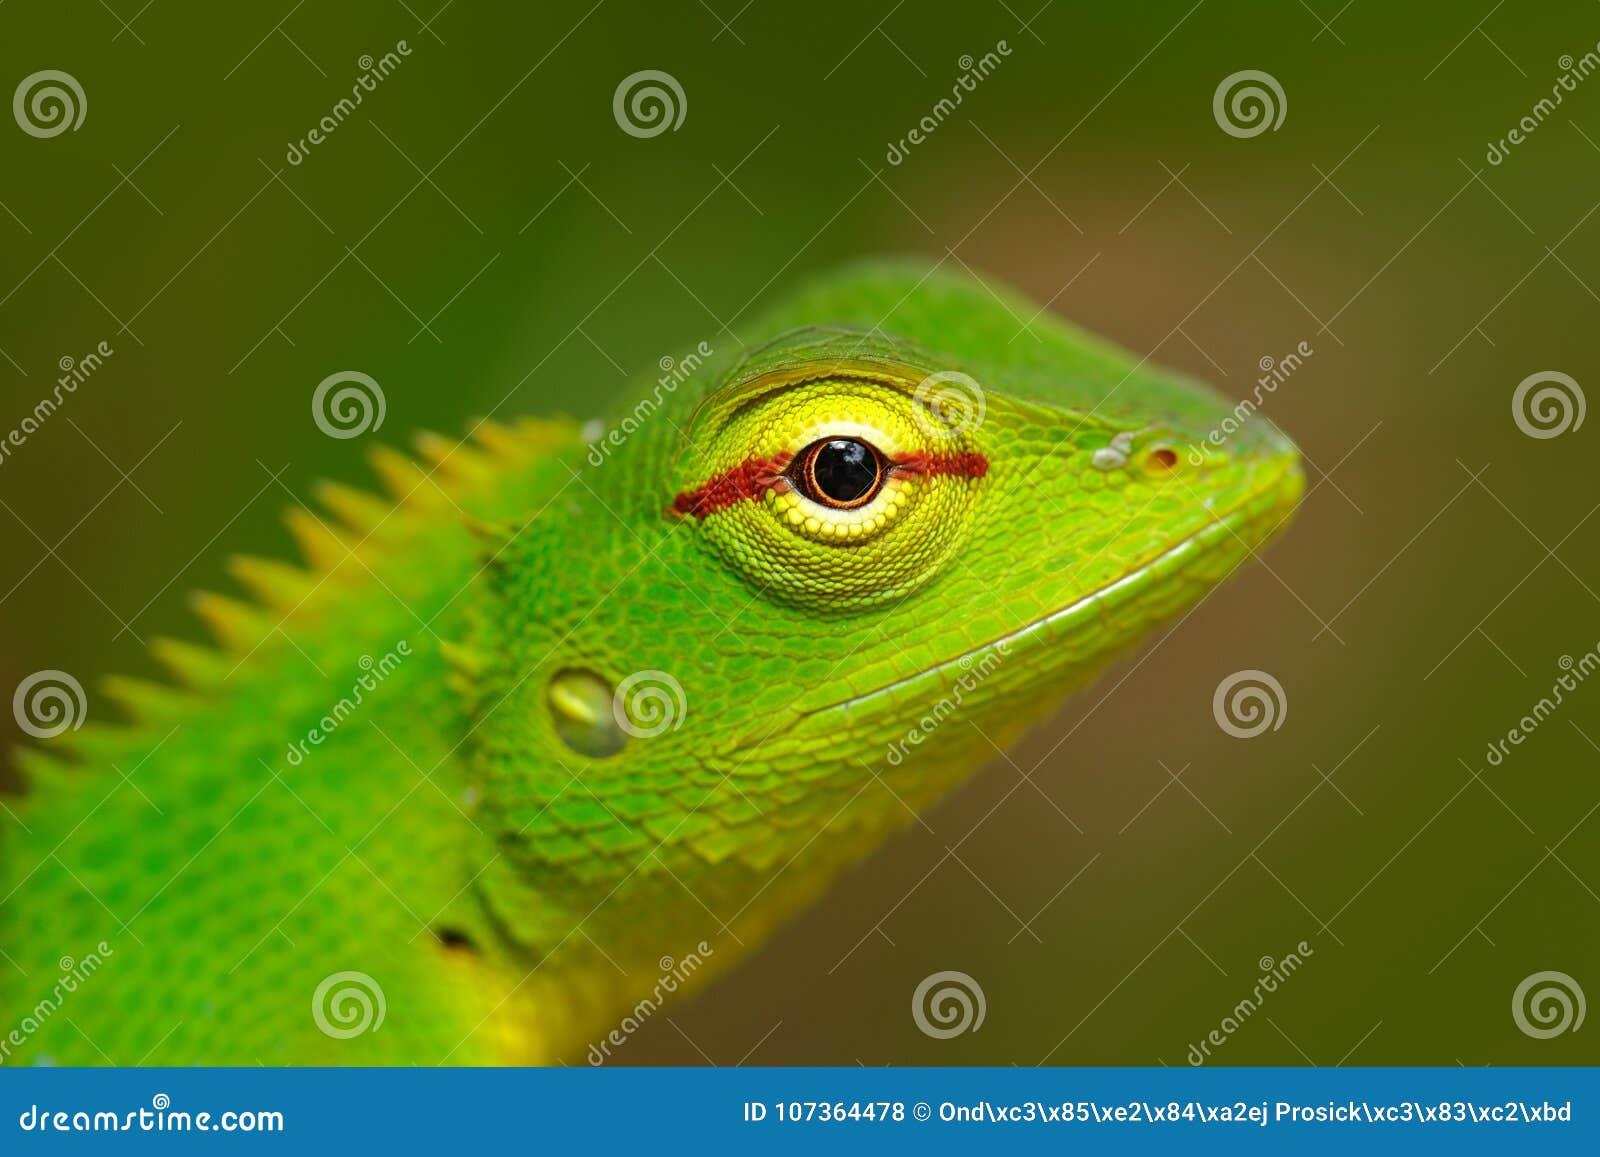 Groene Tuinhagedis, Calotes calotes, het portret van het detailoog van exotisch tropisch dier in de groene aardhabitat, Sinharaja